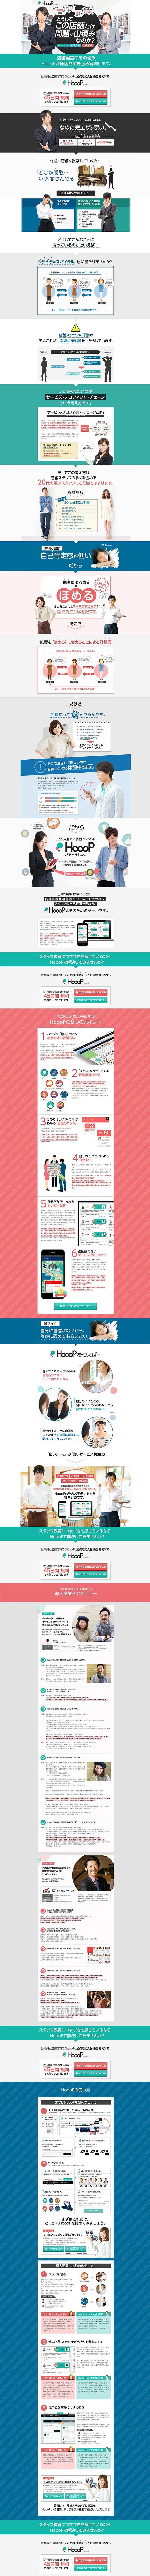 社内コミュニケーションツール HoooP【サービス関連】のLPデザイン。WEBデザイナーさん必見!ランディングページのデザイン参考に(信頼・安心系)